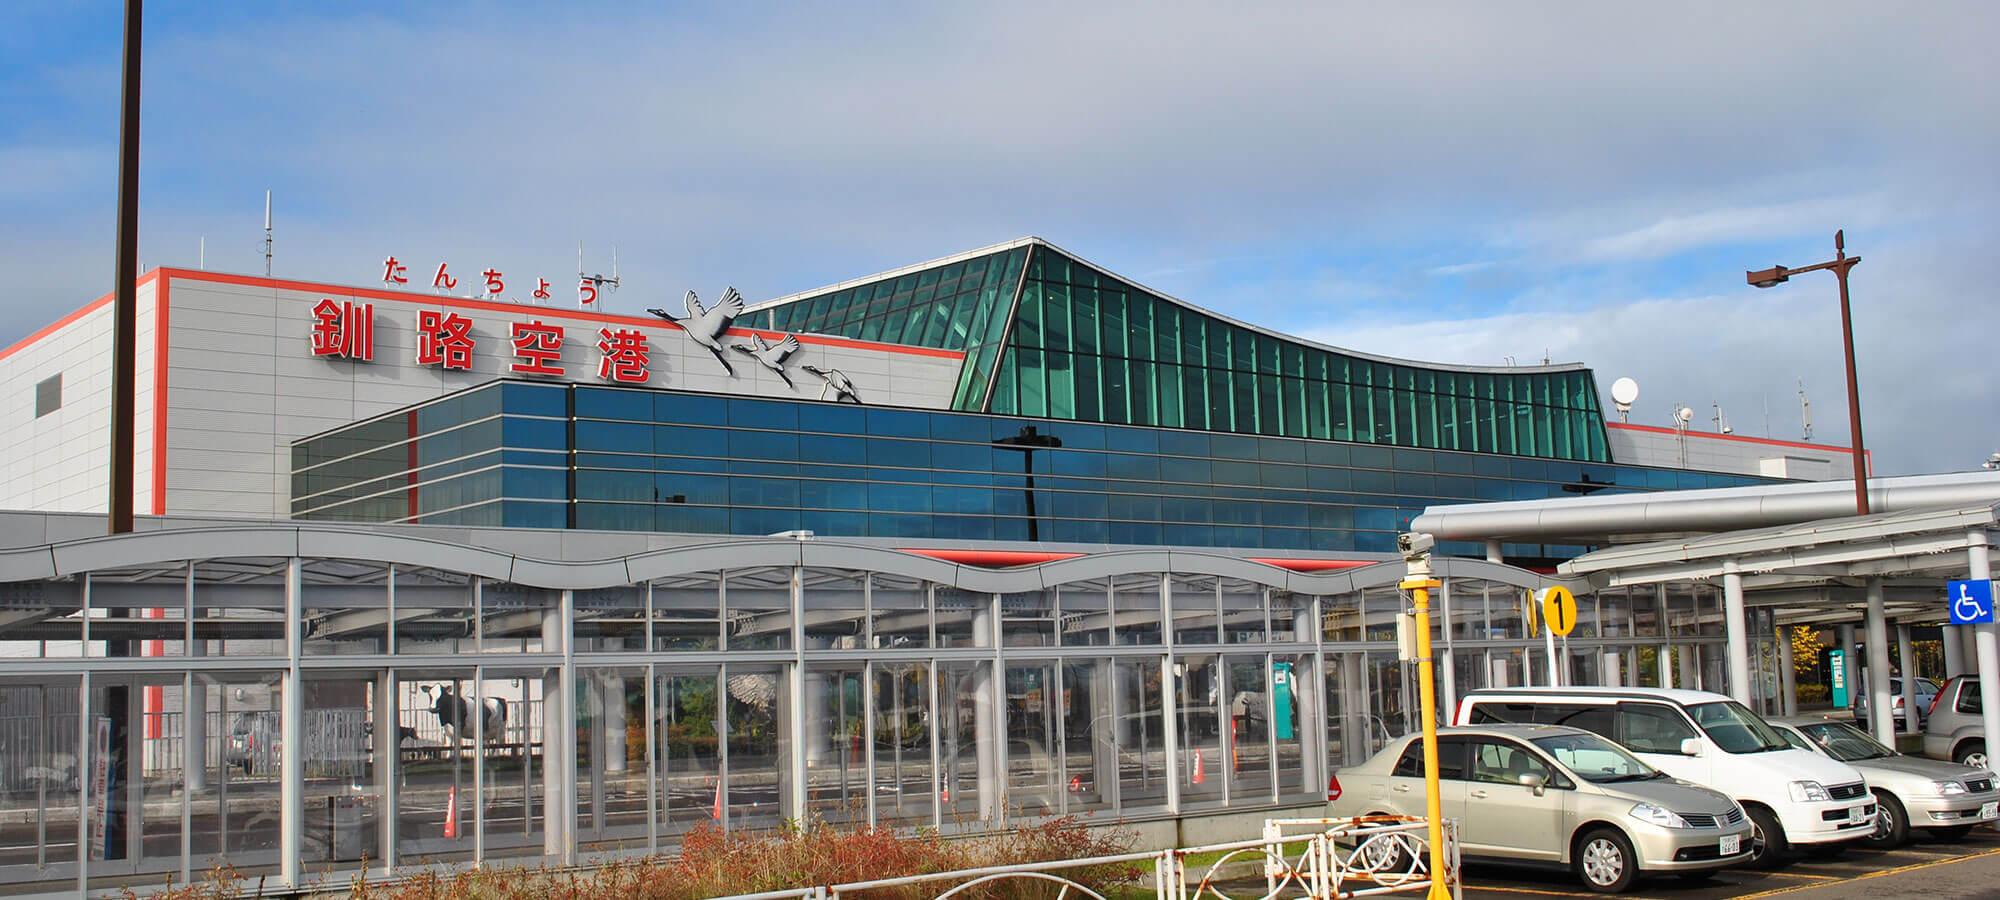 Passenger terminal